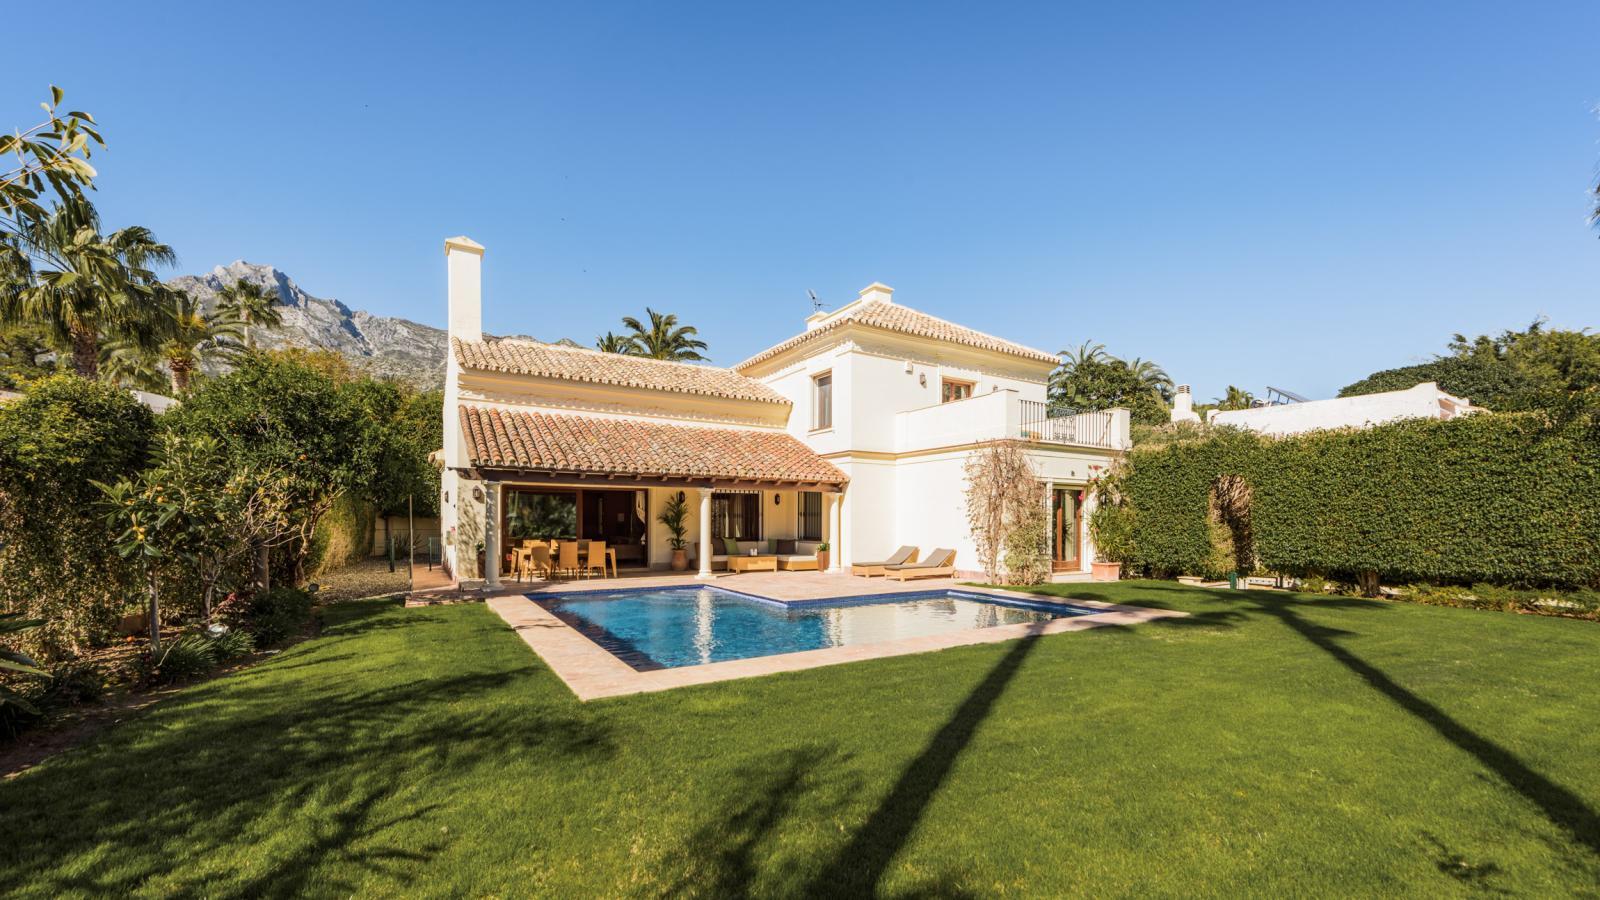 Airbnb-Luxusvilla in Marbella